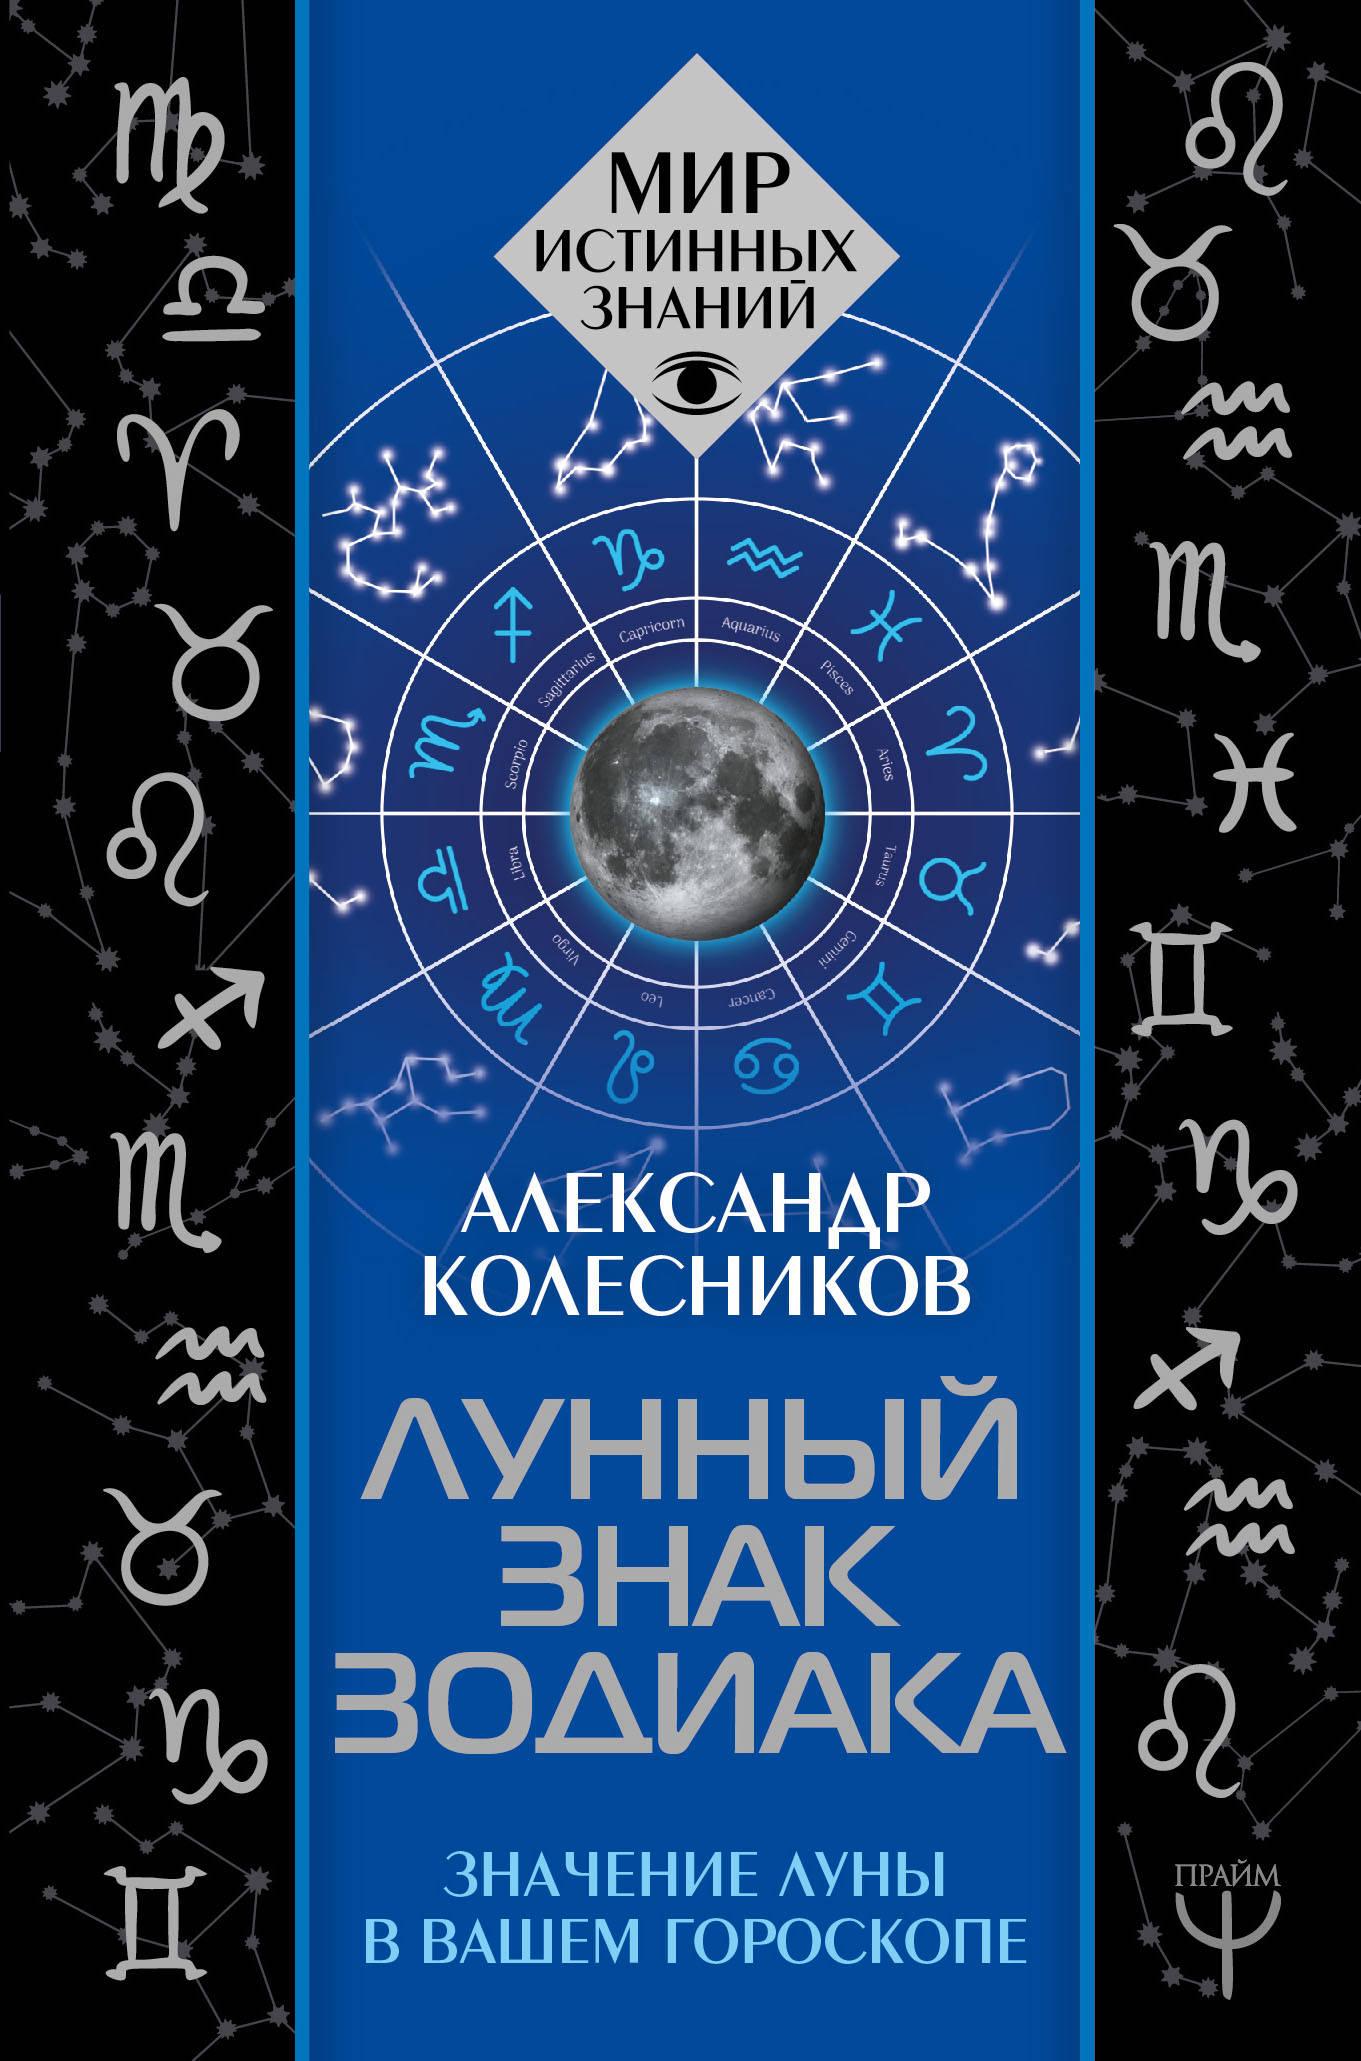 Лунный знак зодиака. Значение Луны в вашем гороскопе